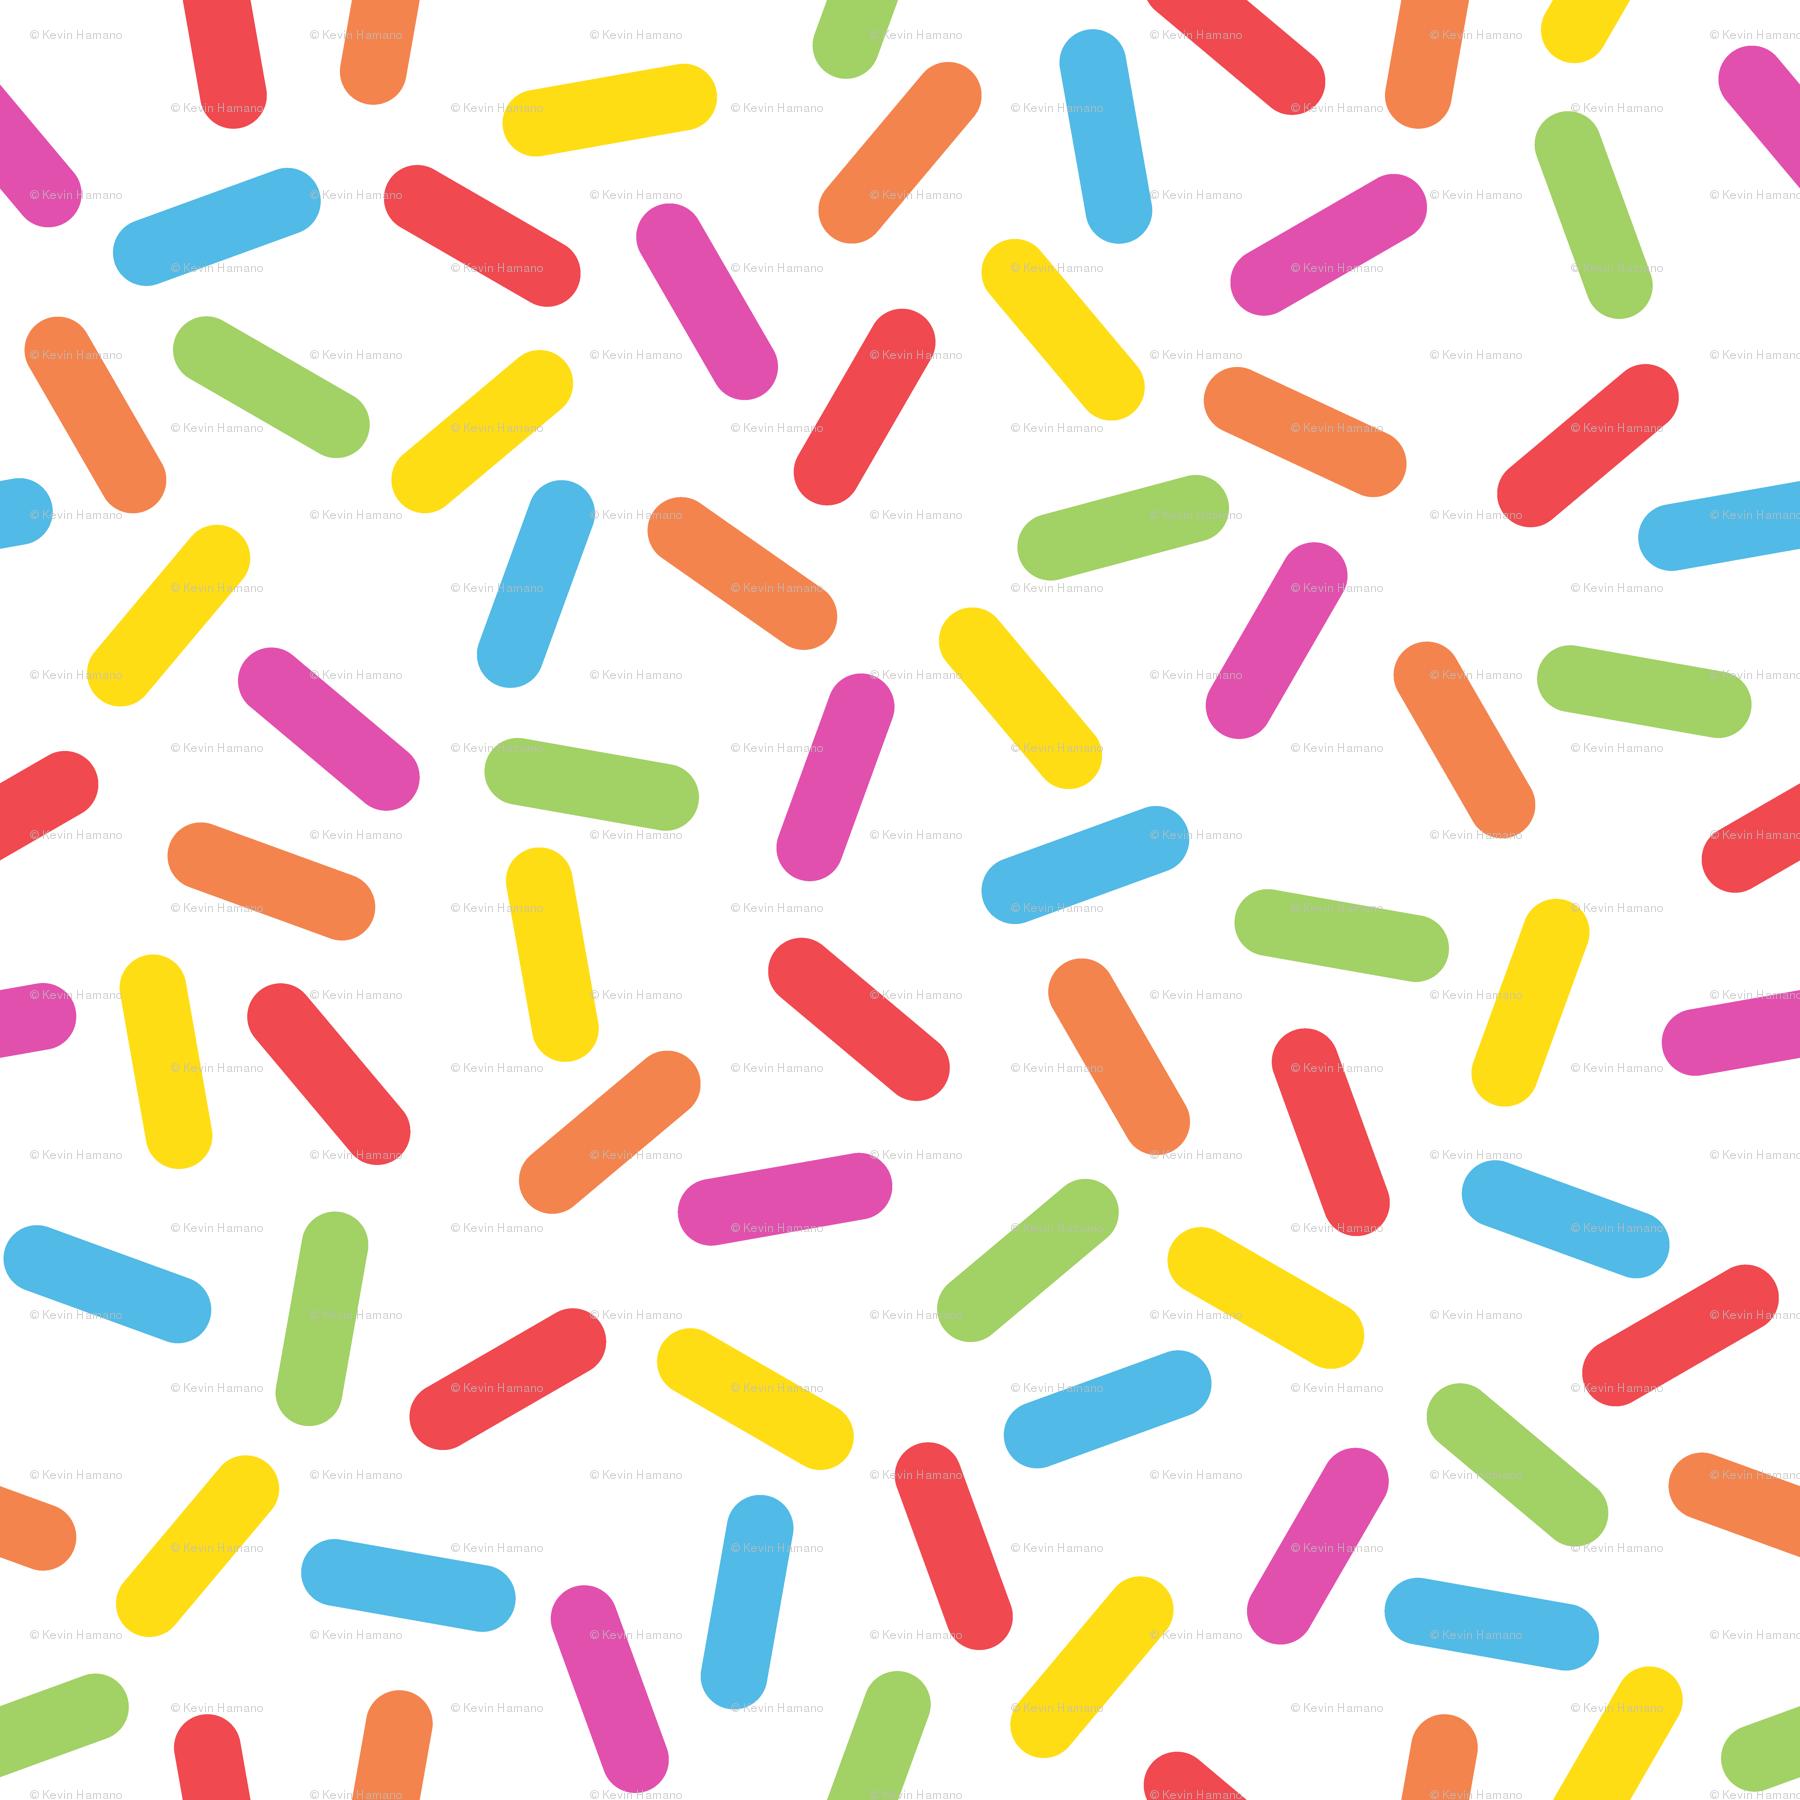 Rainbow Sprinkles wallpaper - httpkoopa - Spoonflower graphic stock